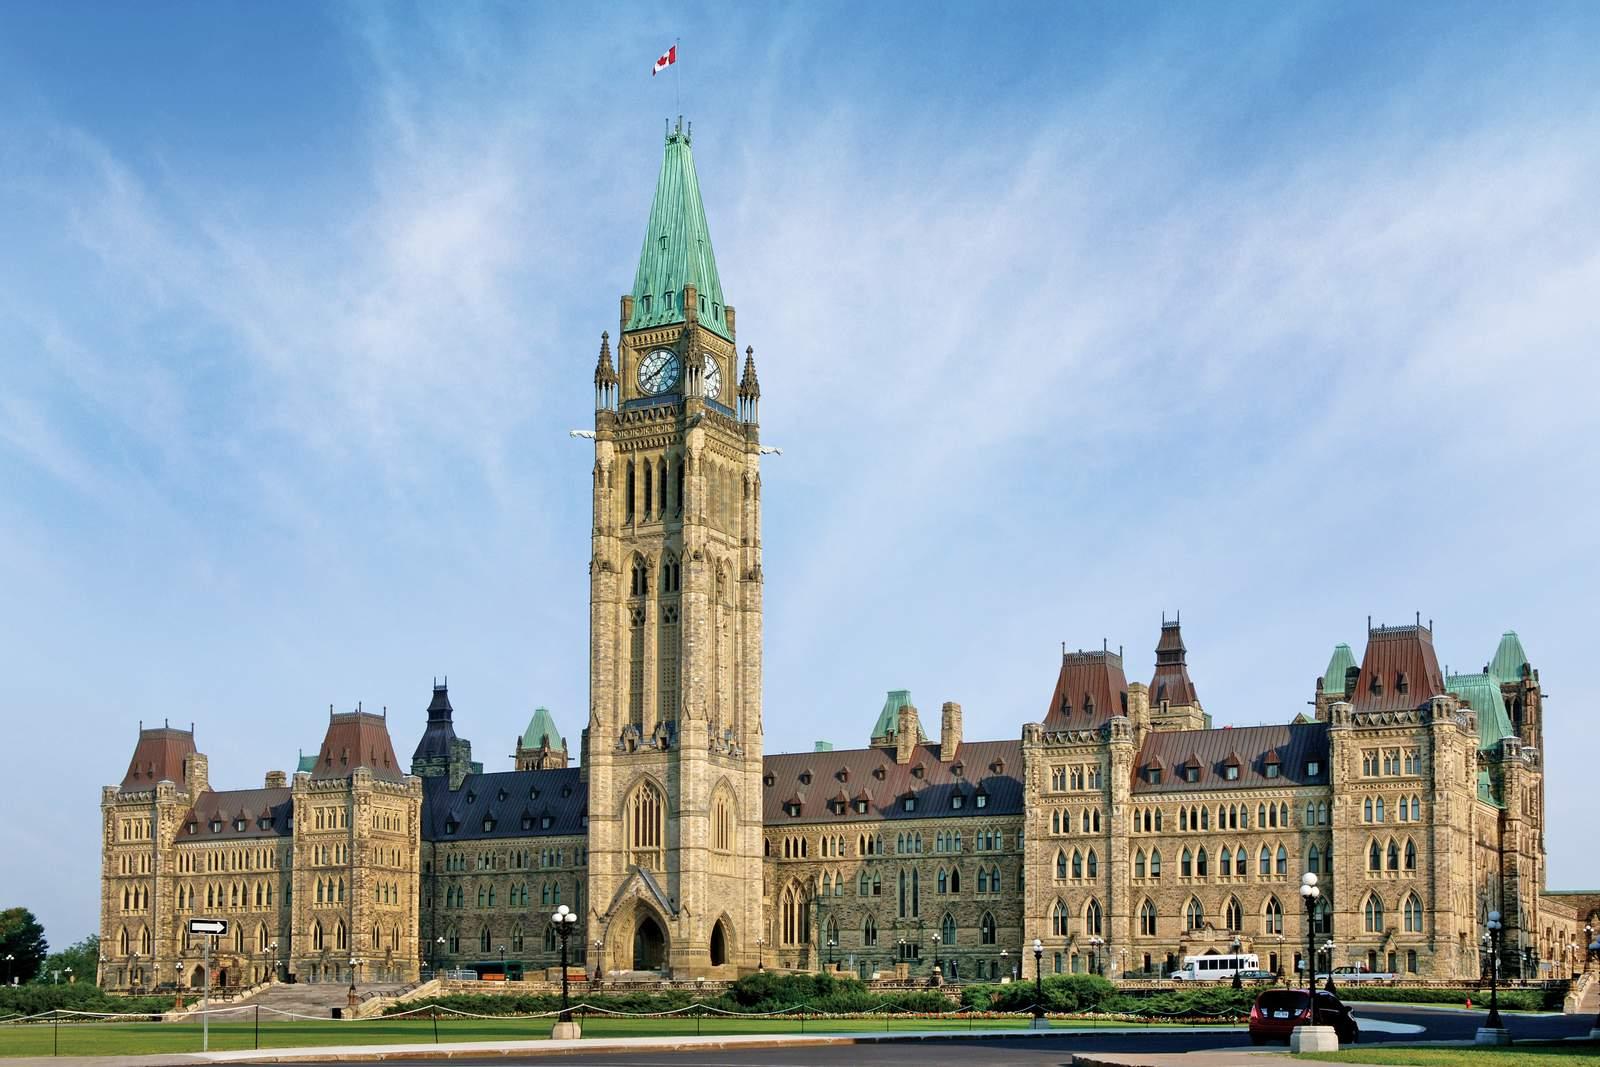 Parliament Hill Centre in Ottawa, Ontario